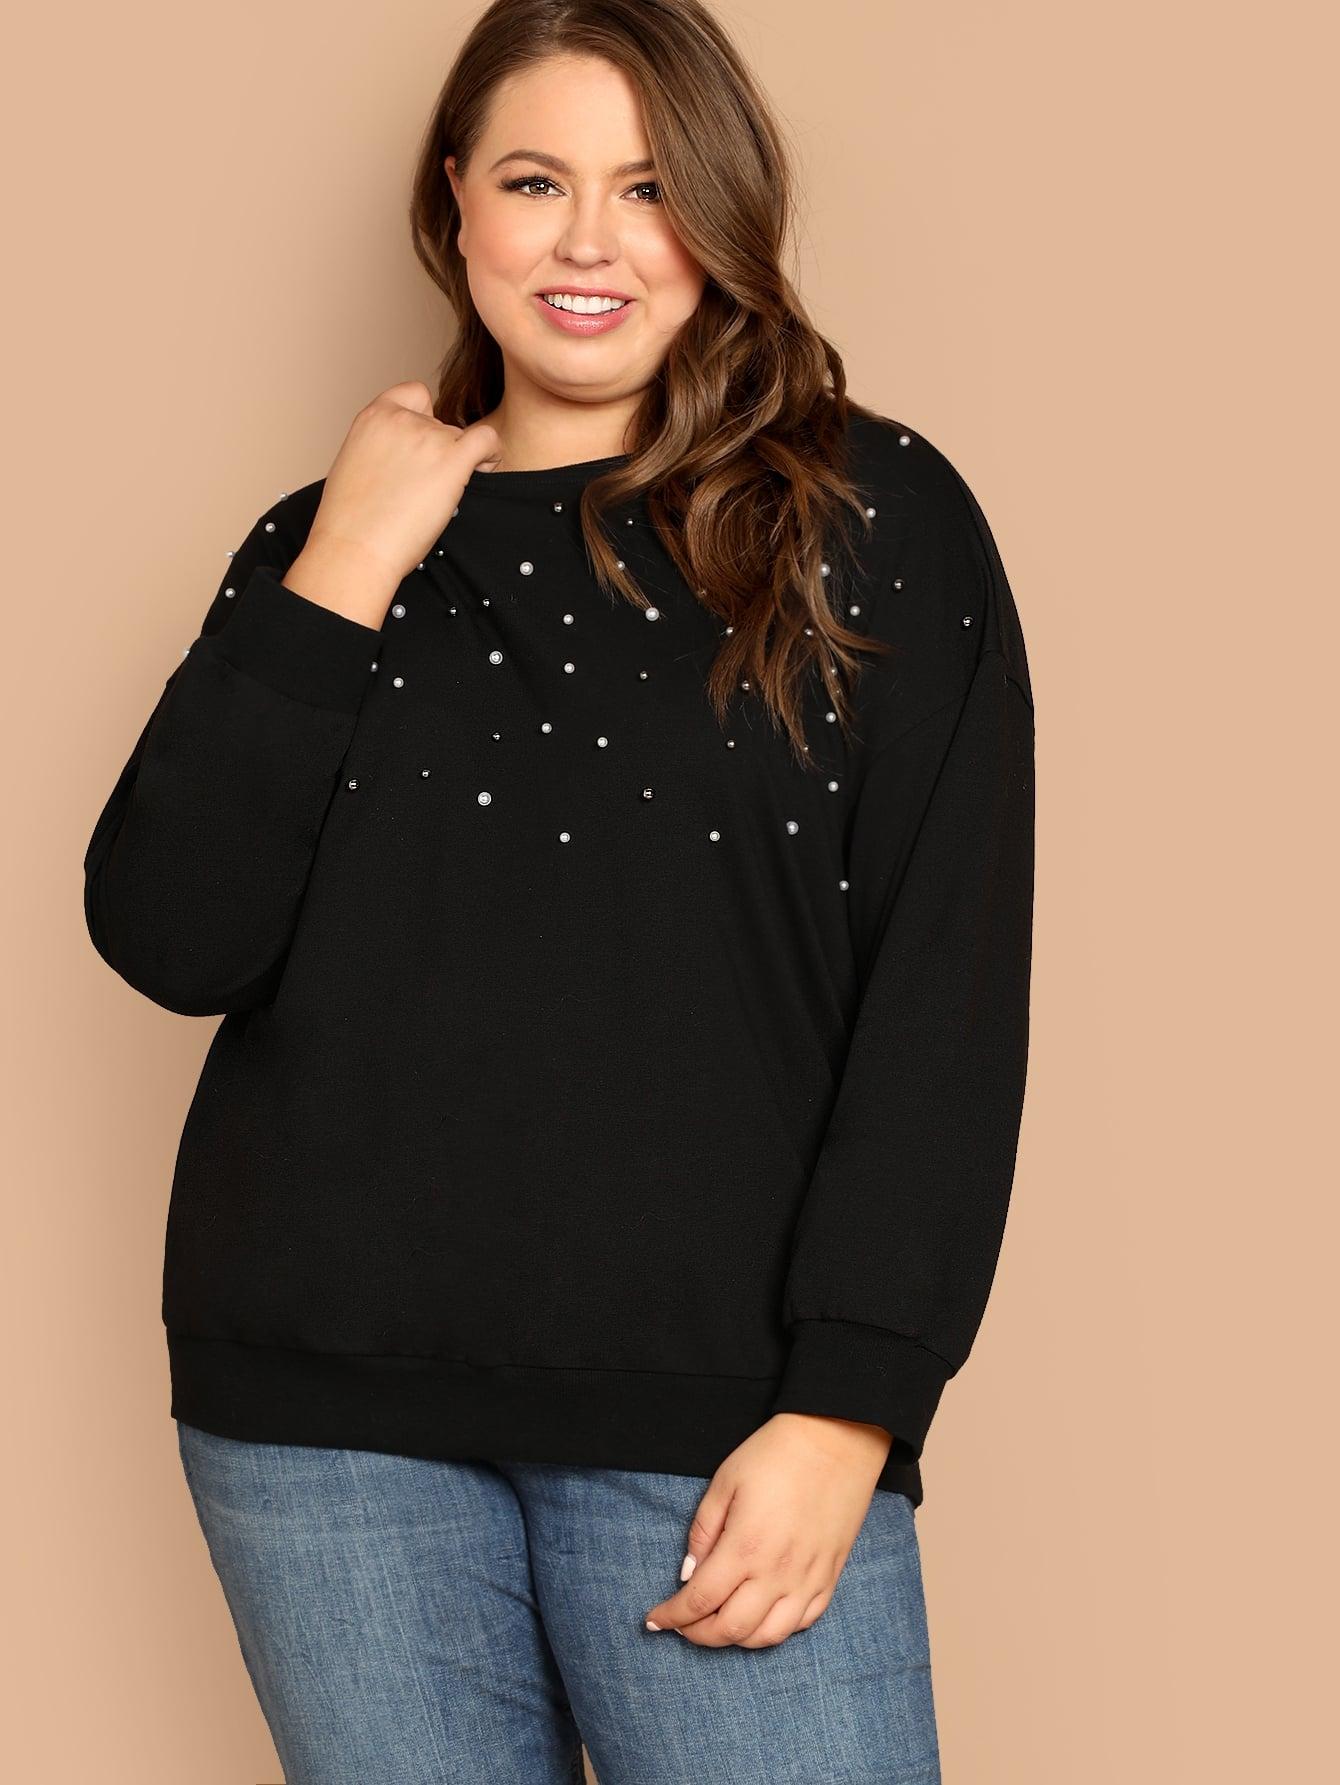 Купить Пуловер с жемчугами размера плюс, Bailey Carr, SheIn